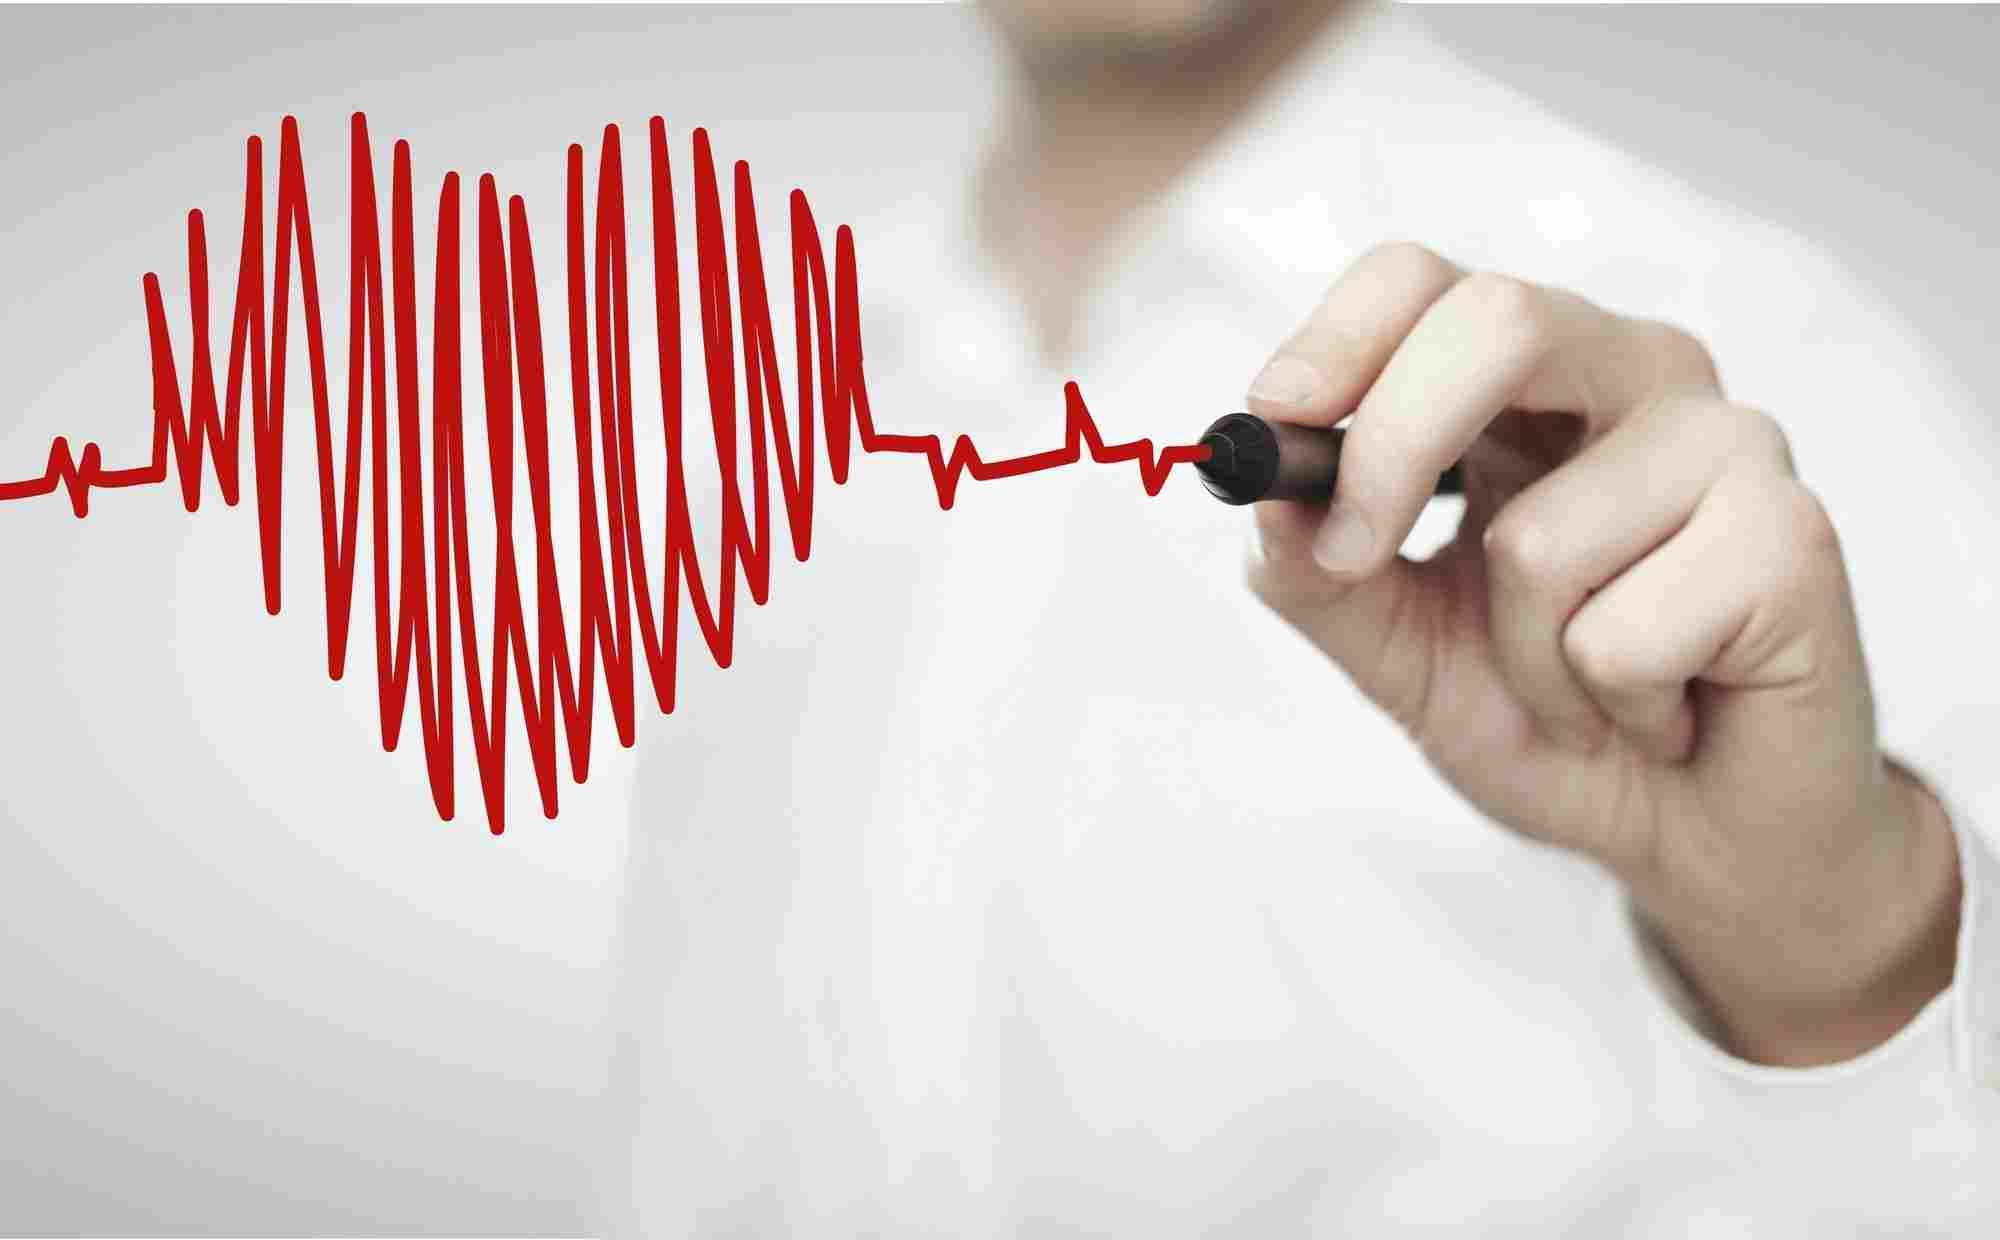 http://www.longevitychiro.com/wp-content/uploads/2015/12/heart-health-1.jpg